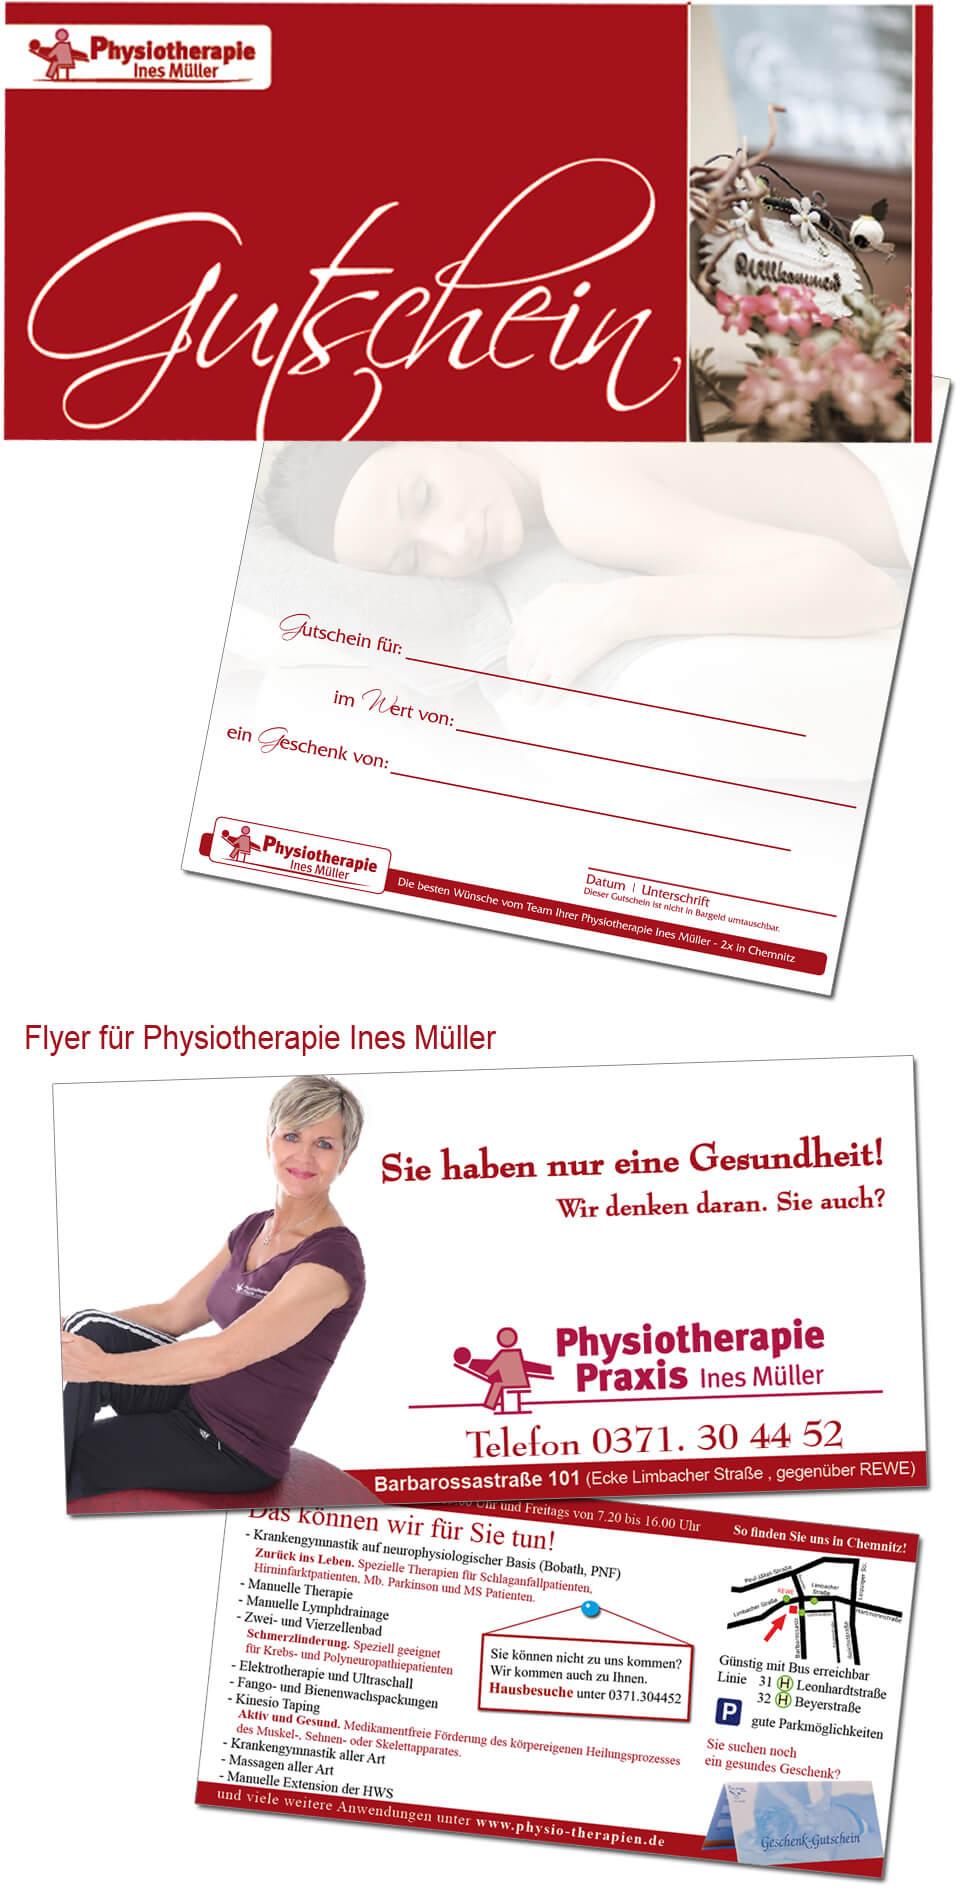 Erstellung und Druck von Gutscheinen, Visitenkarten, Flyer von trendsetter.media Chemnitz Sachsen